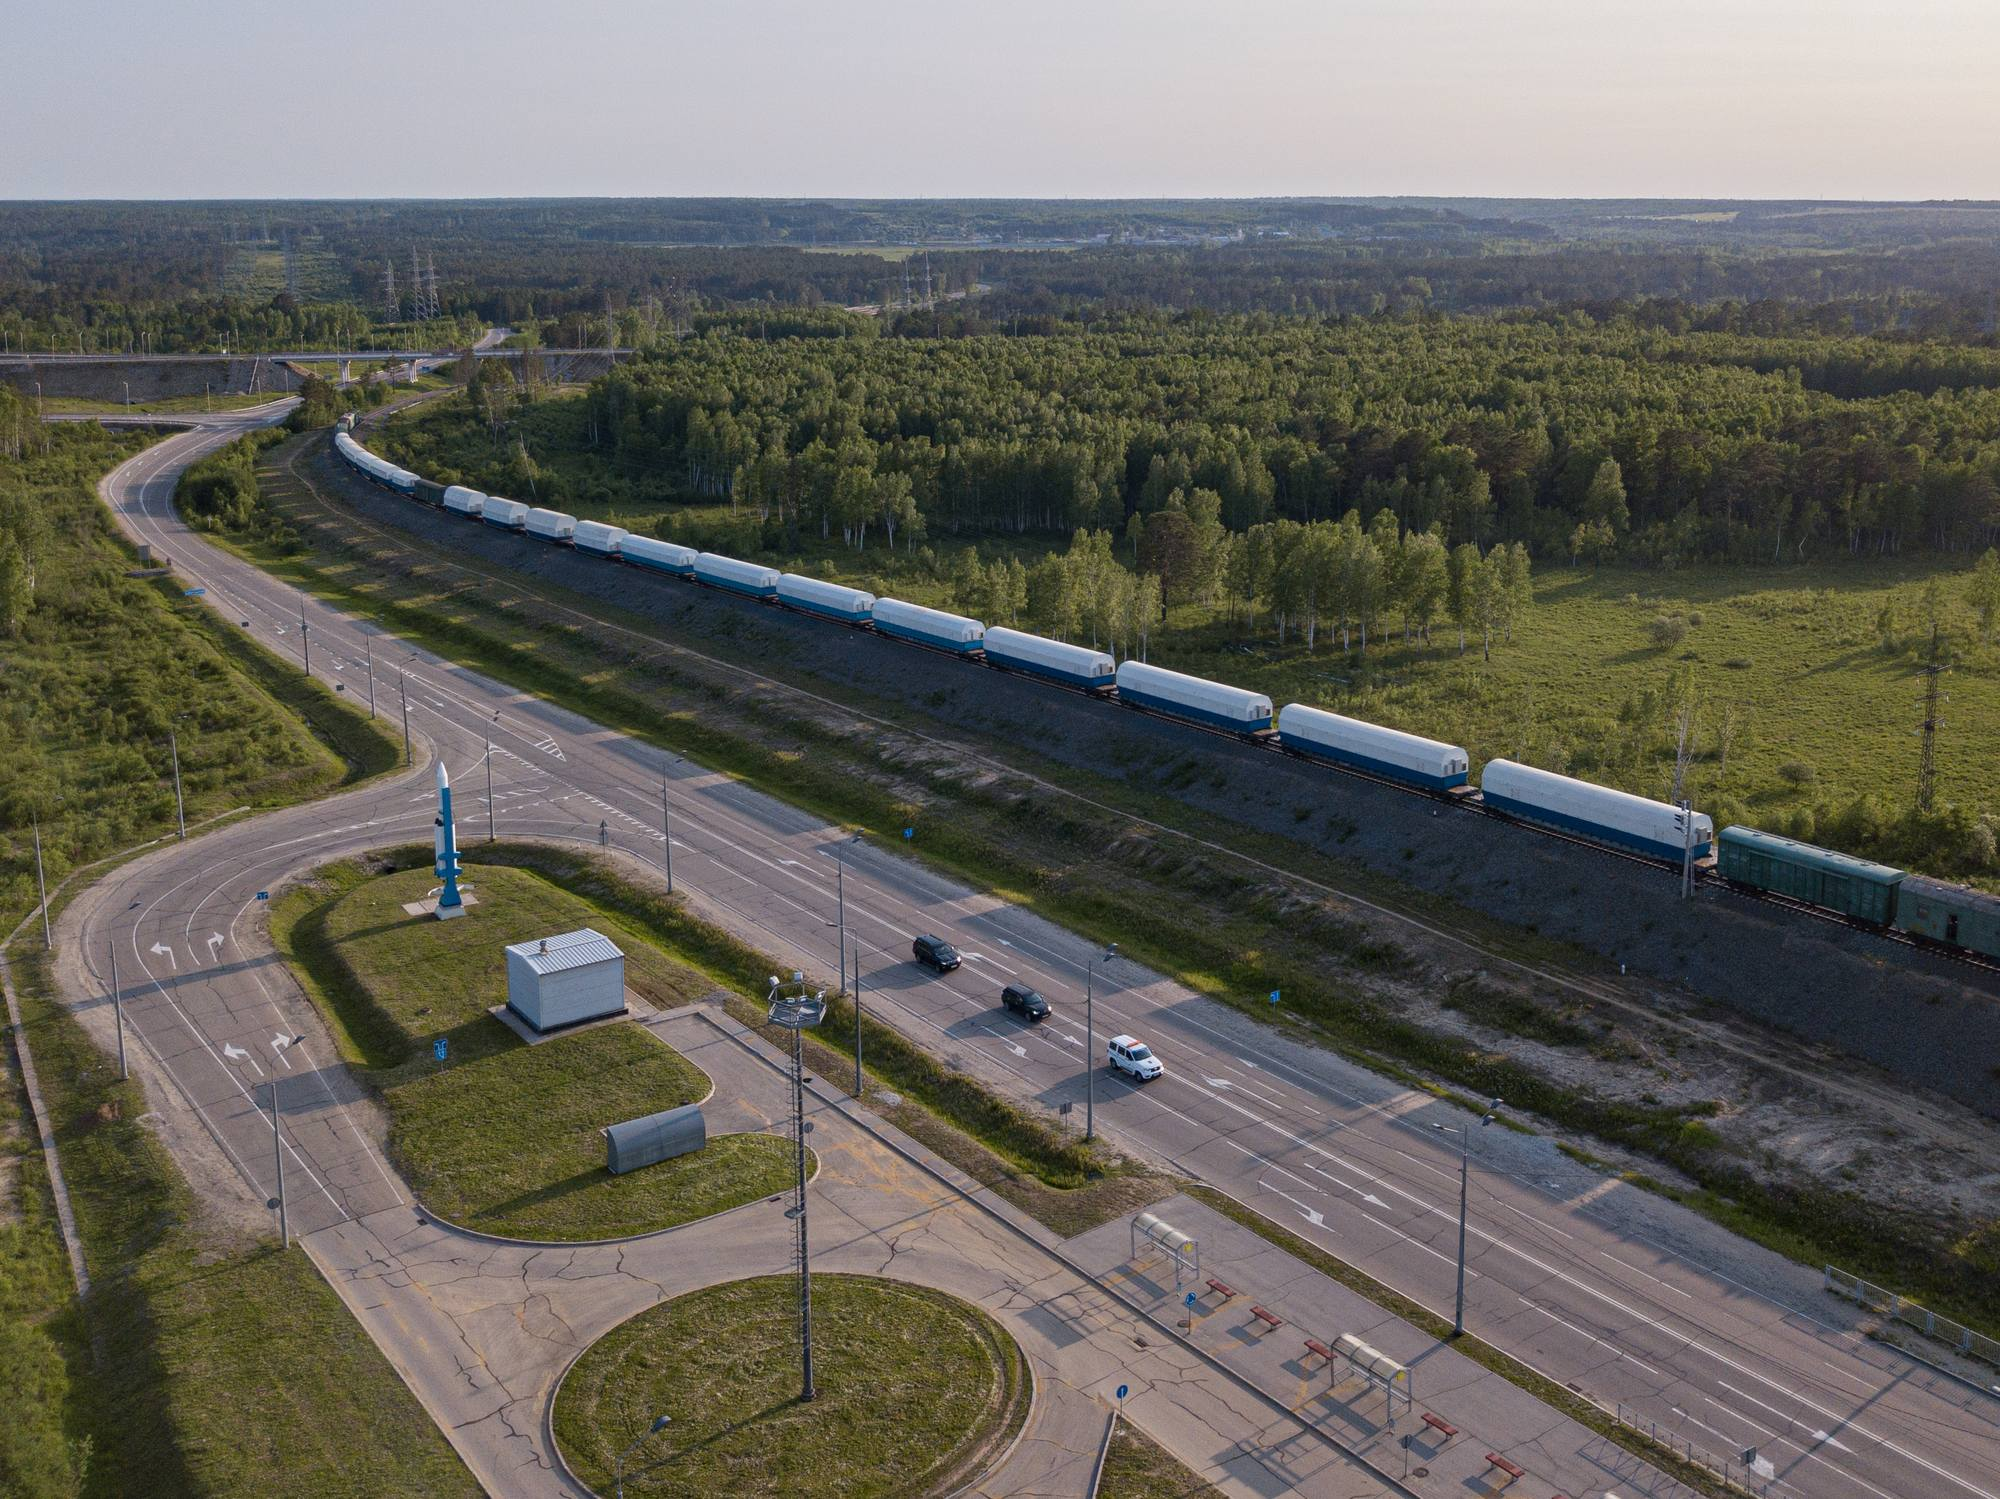 Le convoi arrive en gare de Tsiolkovsky (la ville la plus proche du cosmodrome).